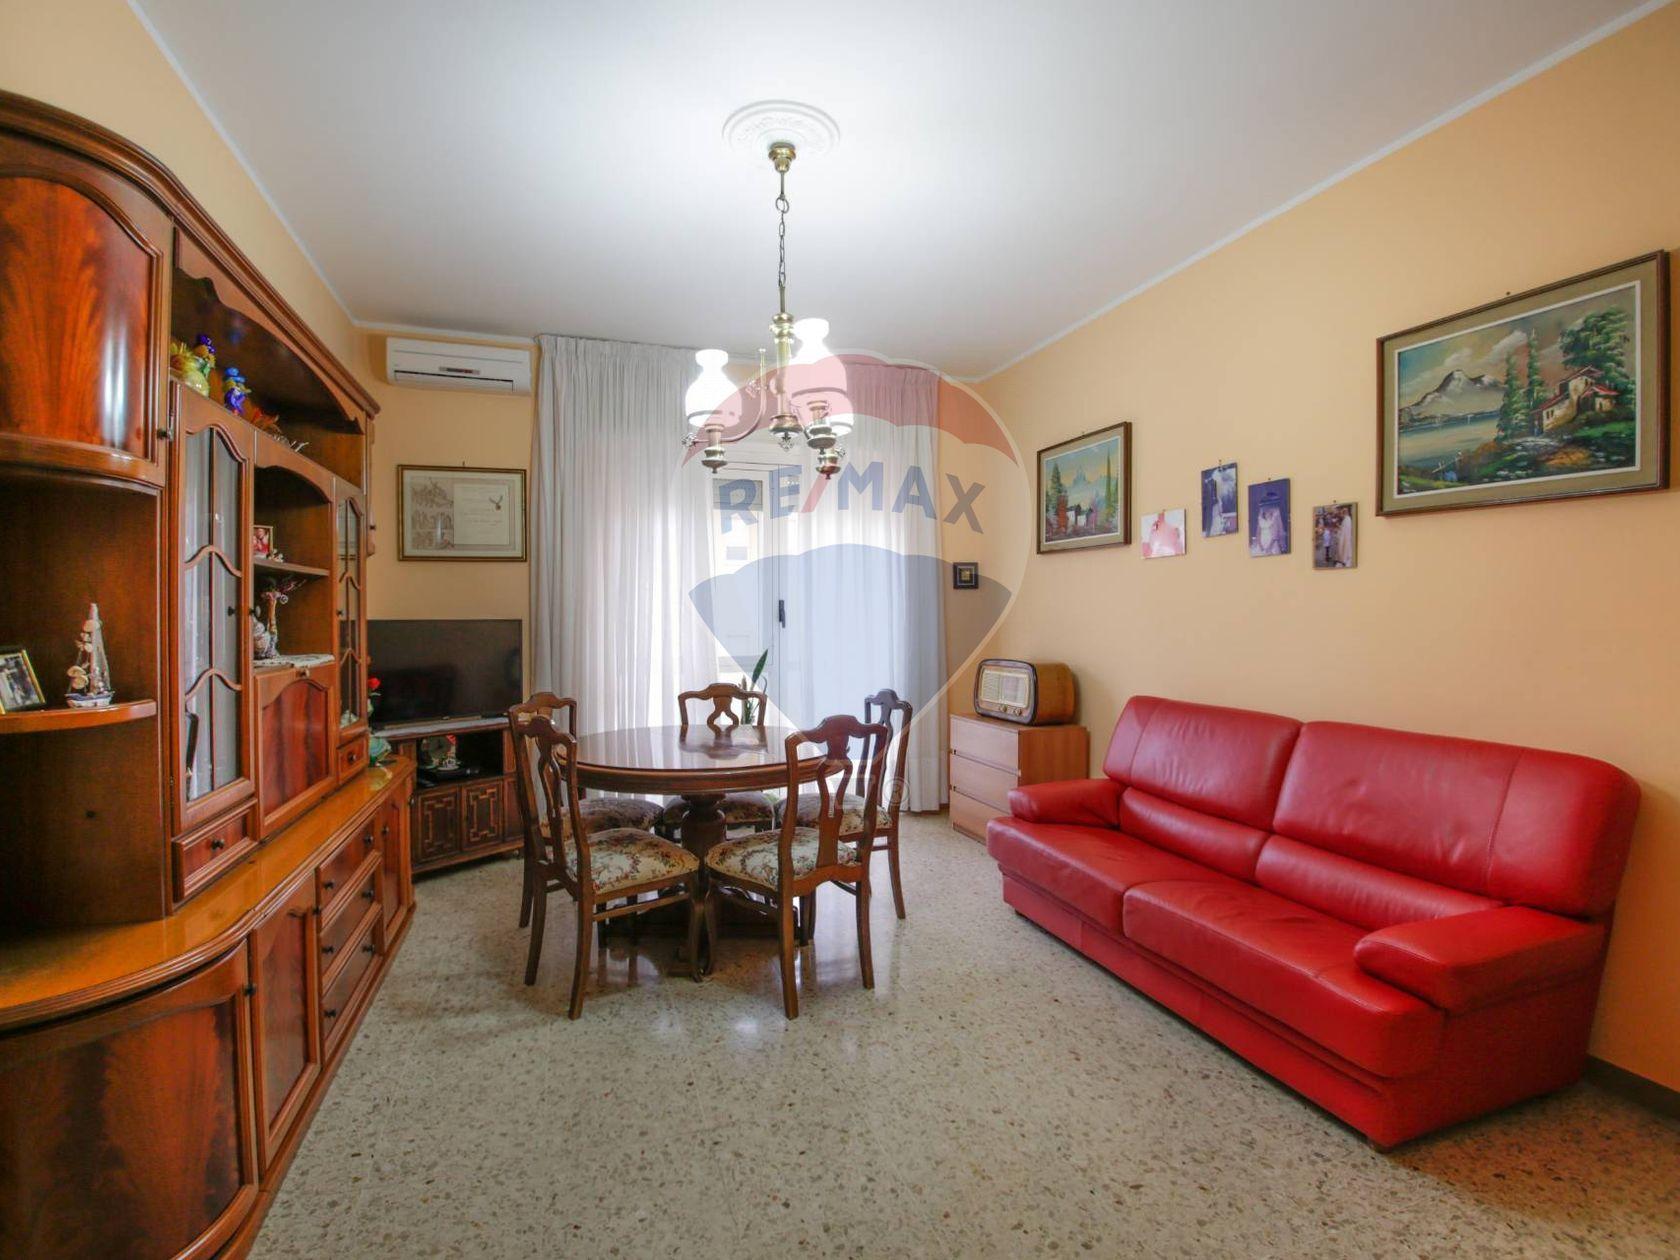 Appartamento Stazione, Chieti, CH Vendita - Foto 8